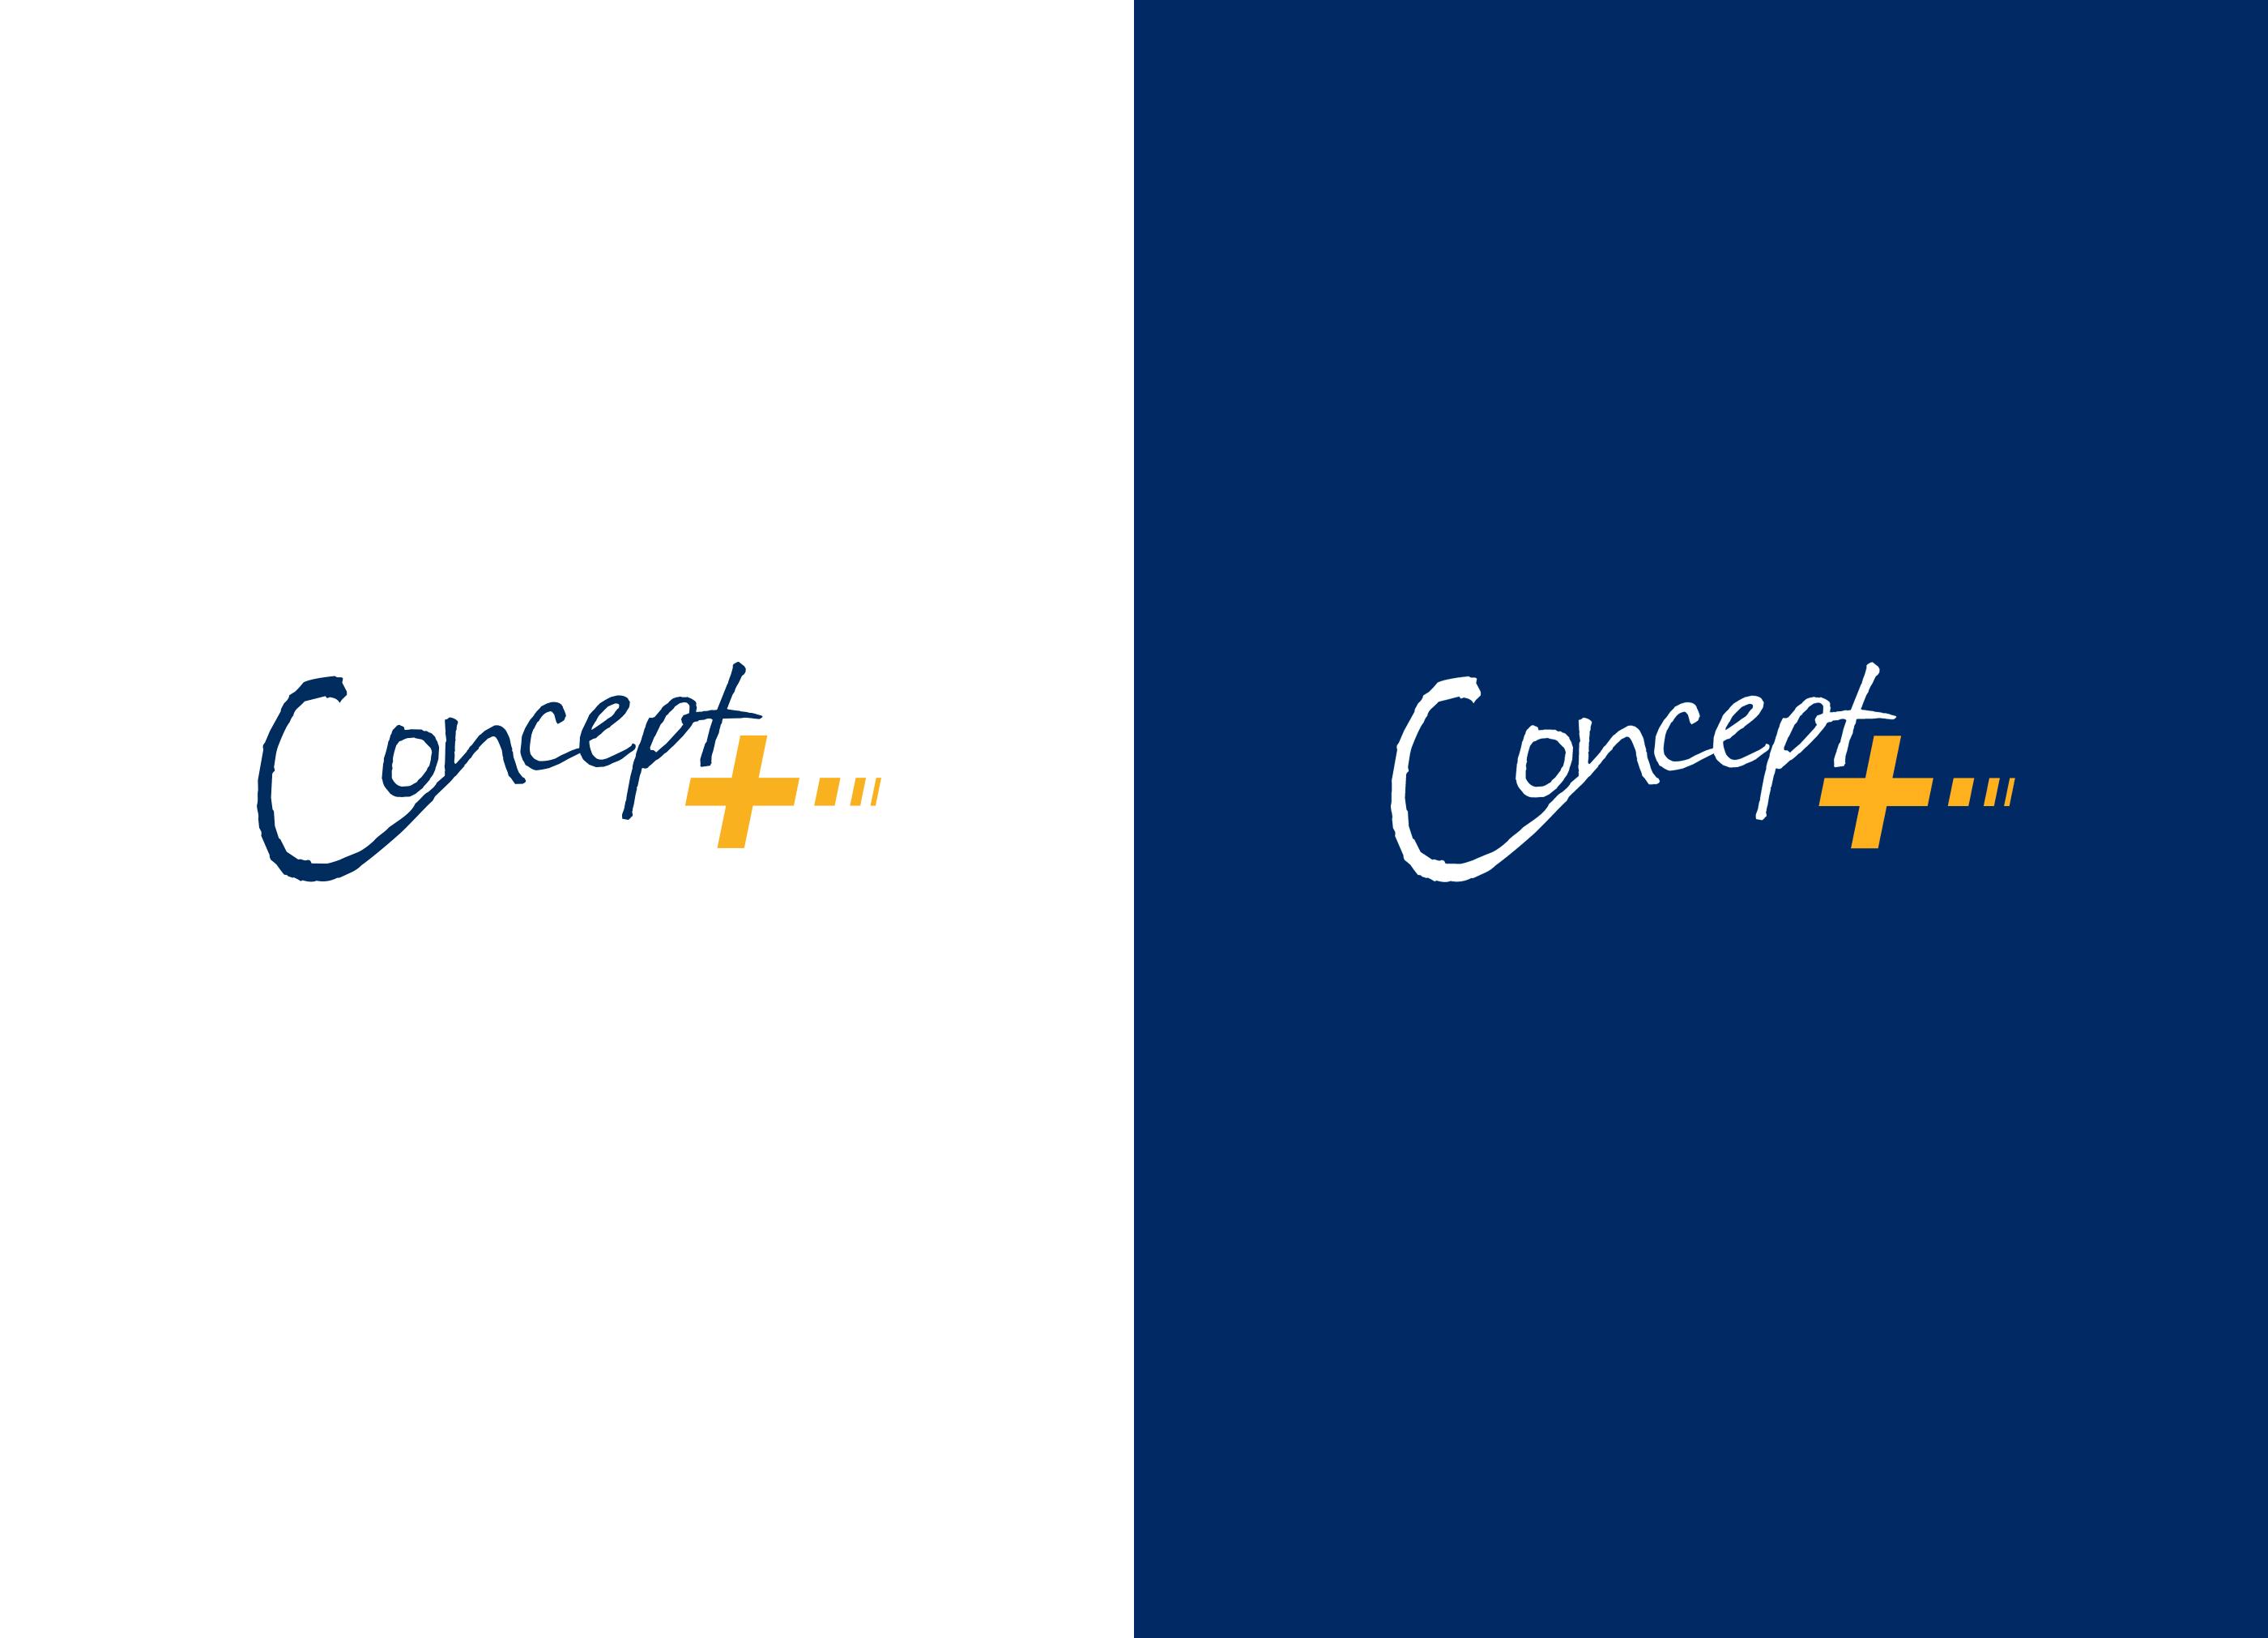 Dit is een afbeelding van het logo voor ConceptPlus op een witte en blauwe ondergrond ontwikkeld door merkversterkend reclamebureau Activates uit Sassenheim